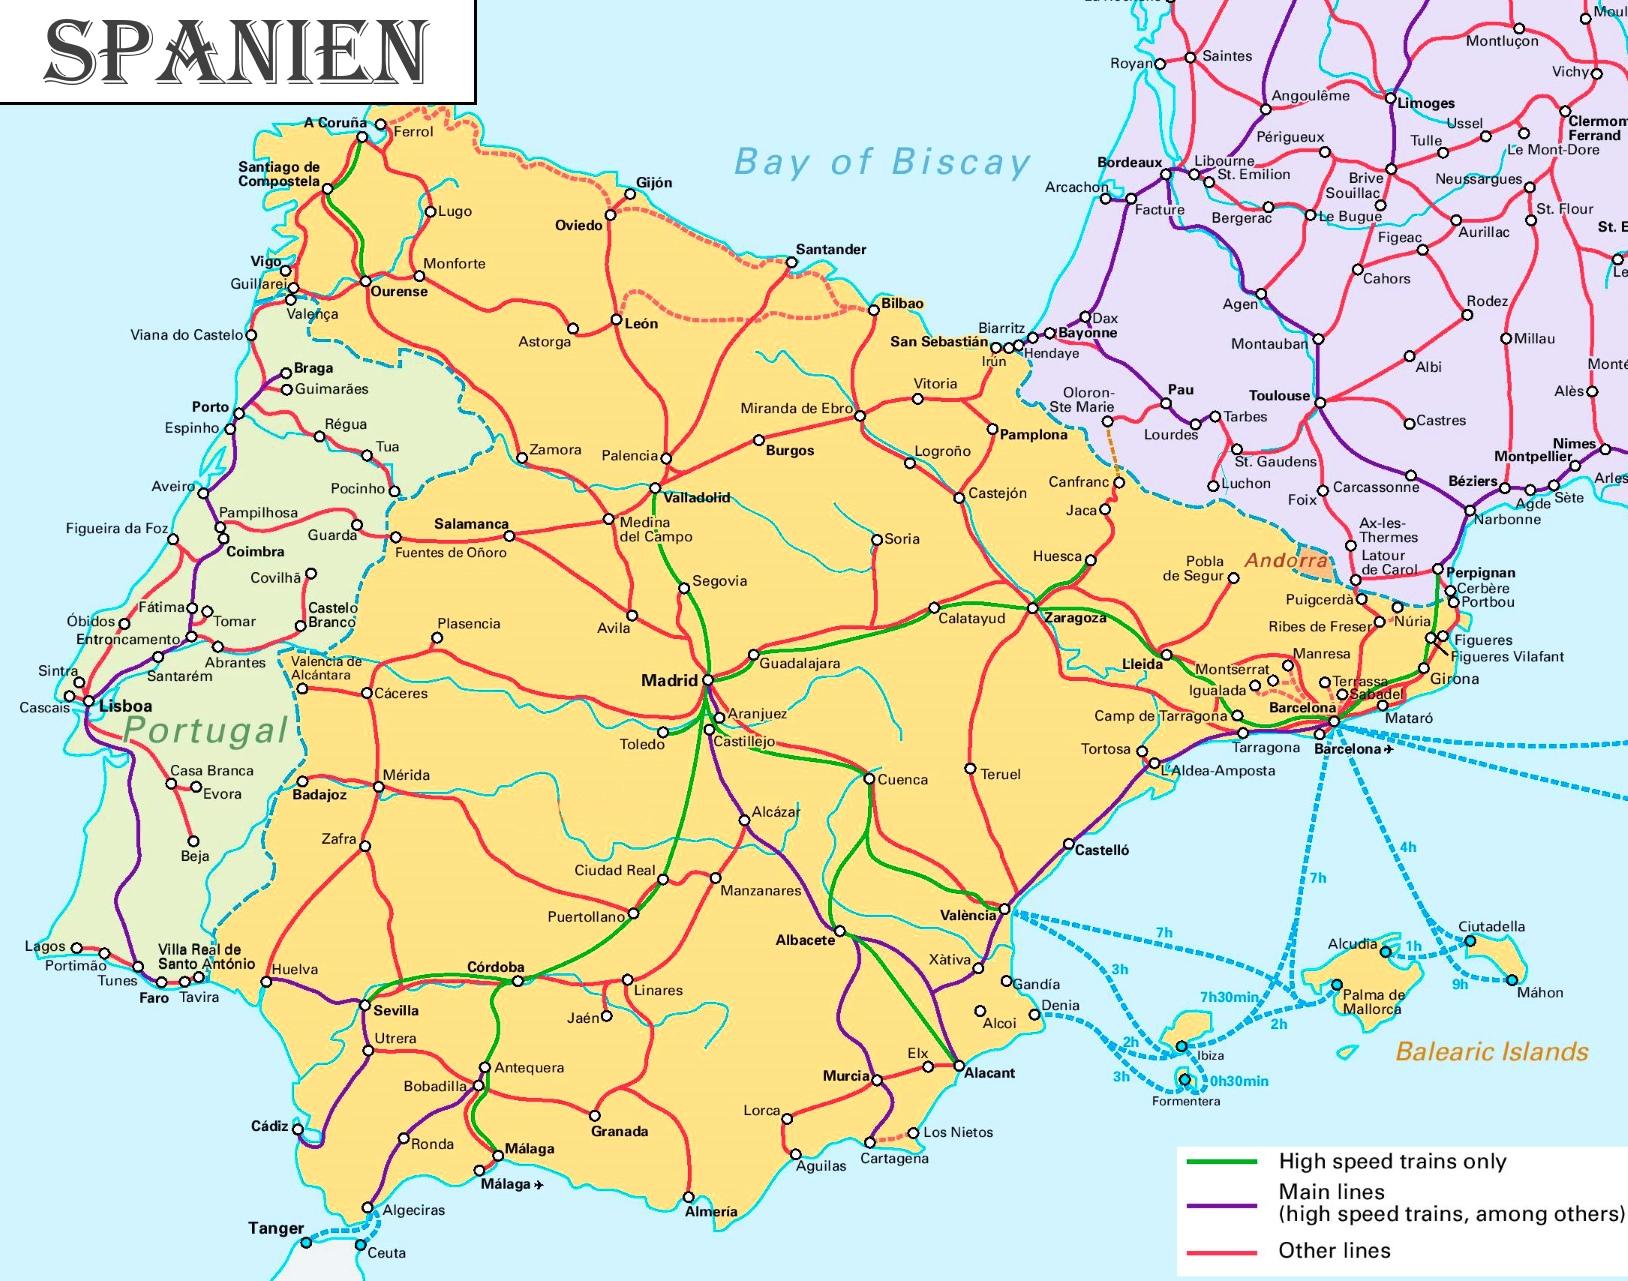 Spanische Karte.Schienennetz Karte Von Spanien